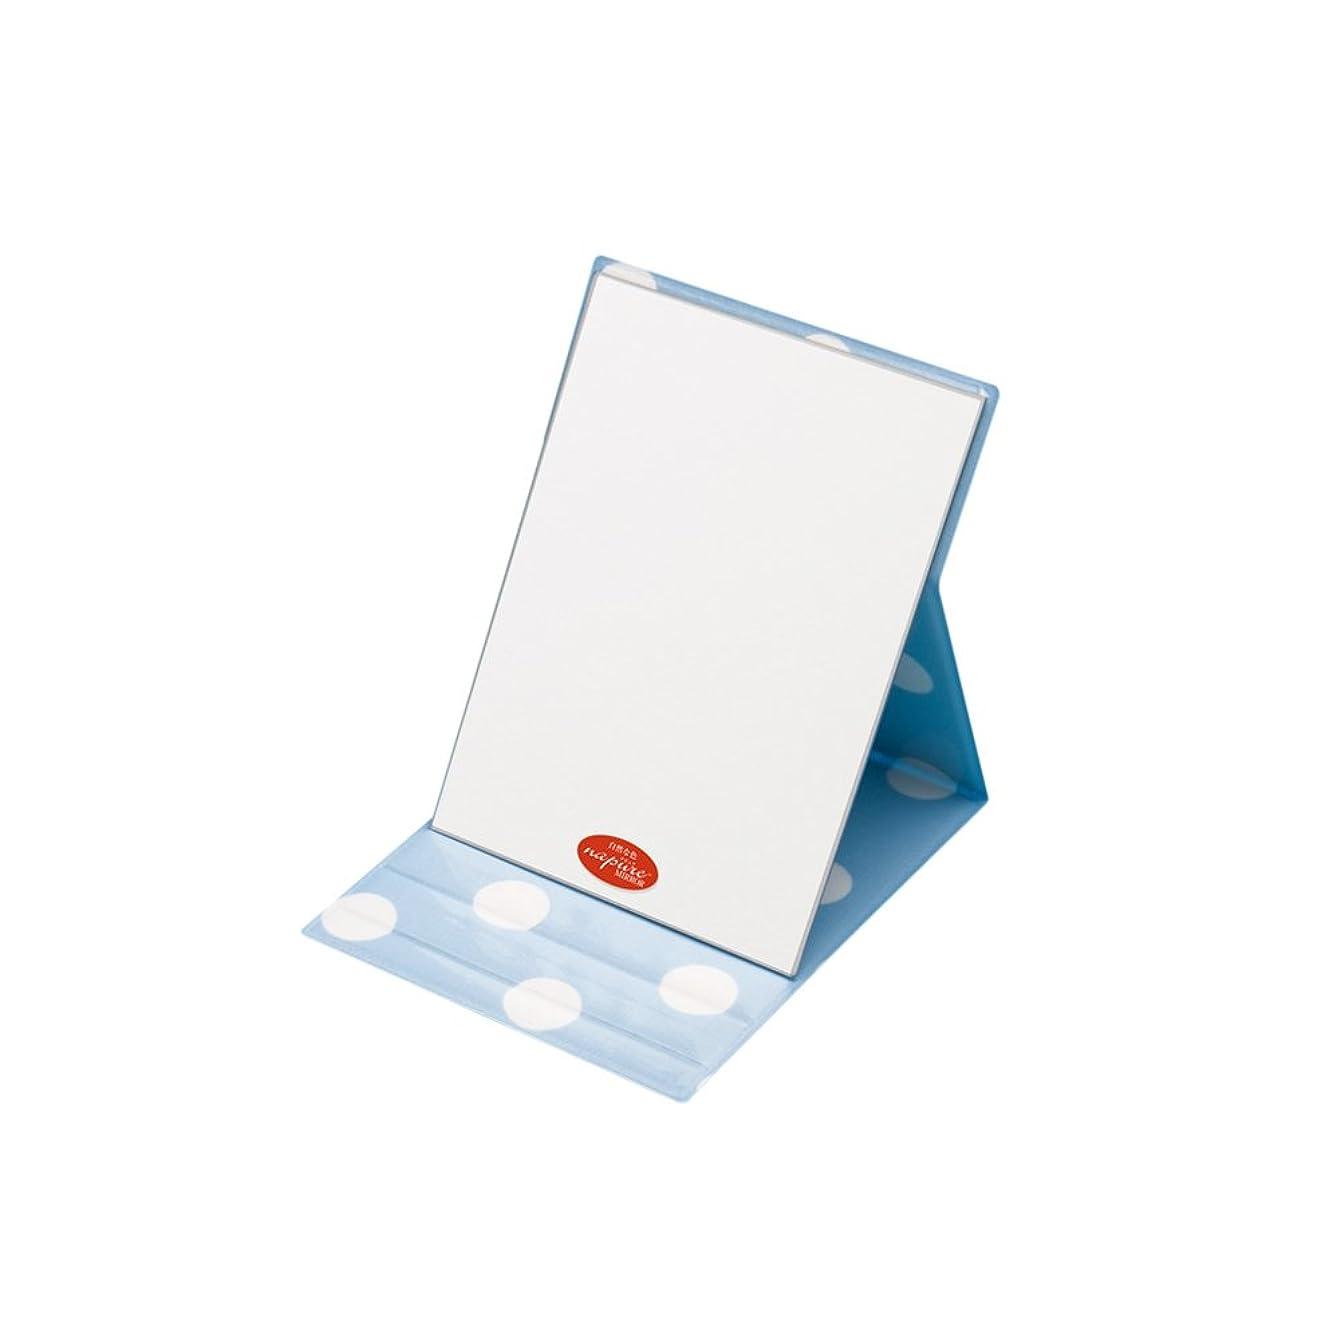 前述のドラマキャリッジプロモデル折立ナピュアミラー水玉